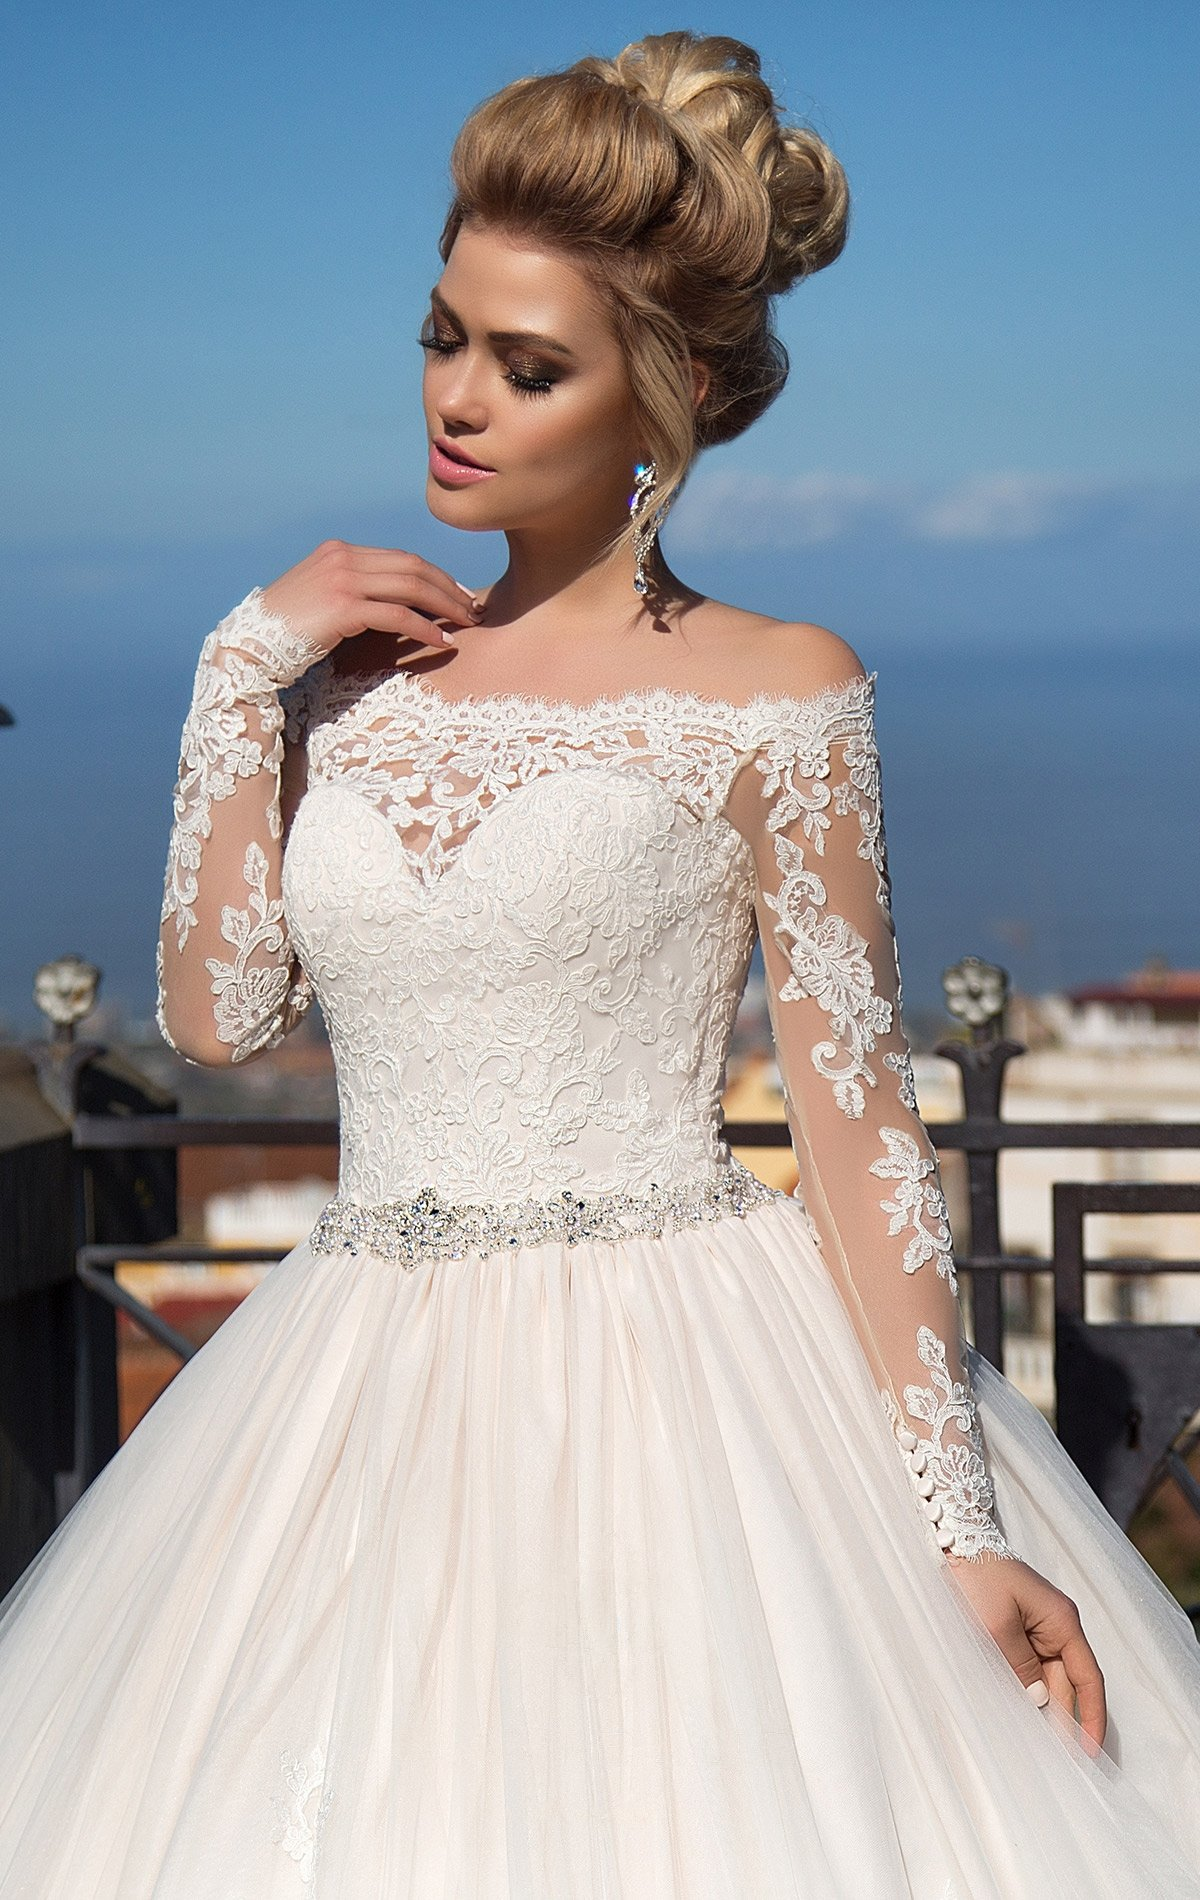 Свадебное платье с портретным декольте, длинным рукавом и многослойным пышным низом.